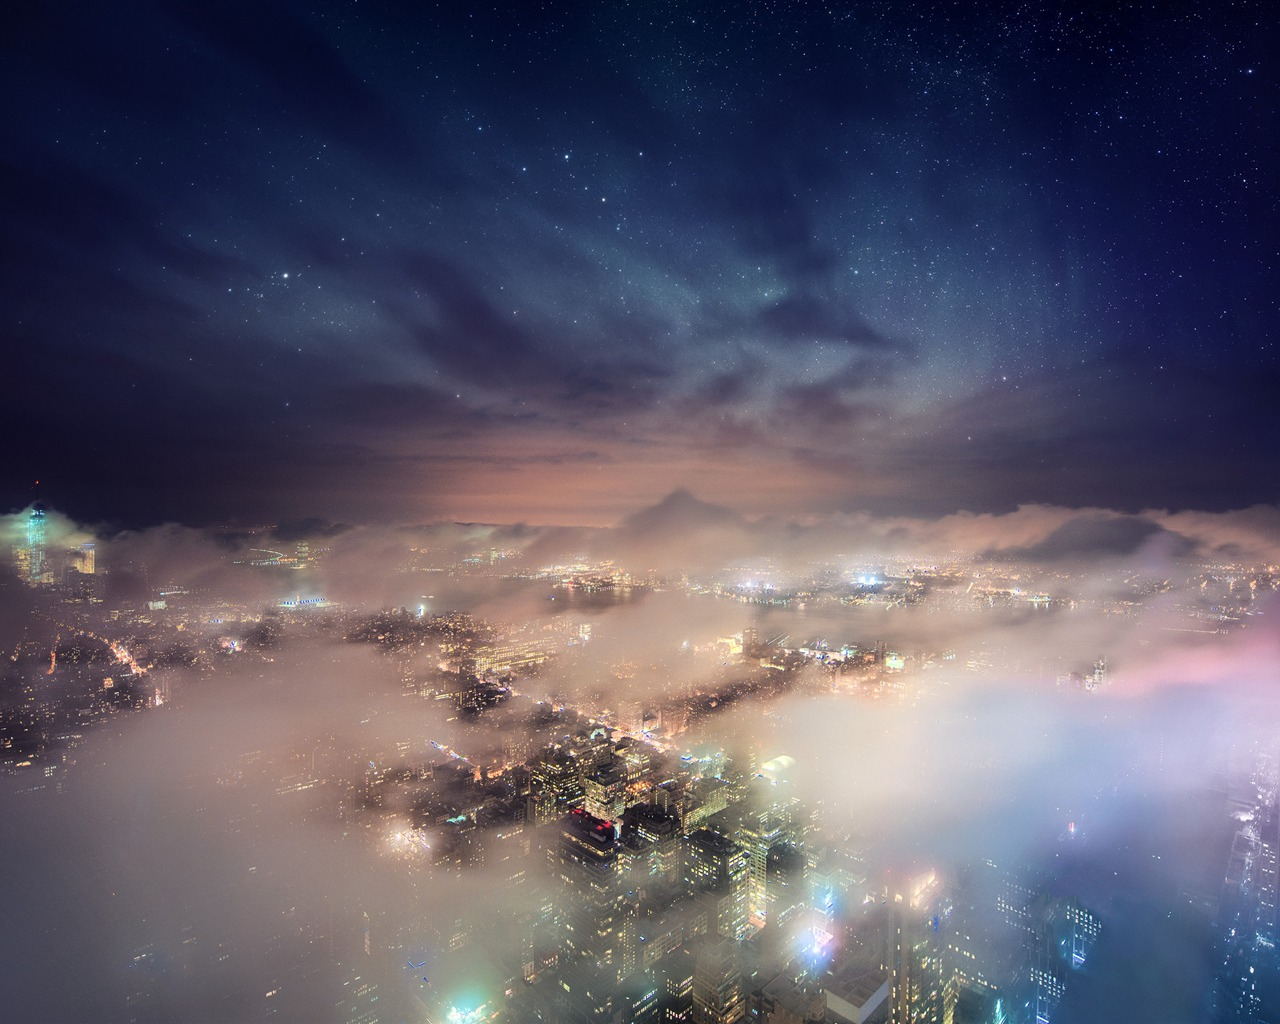 繁华的城市风光照片高清桌面壁纸 - 1280x1024 壁纸 下载图片